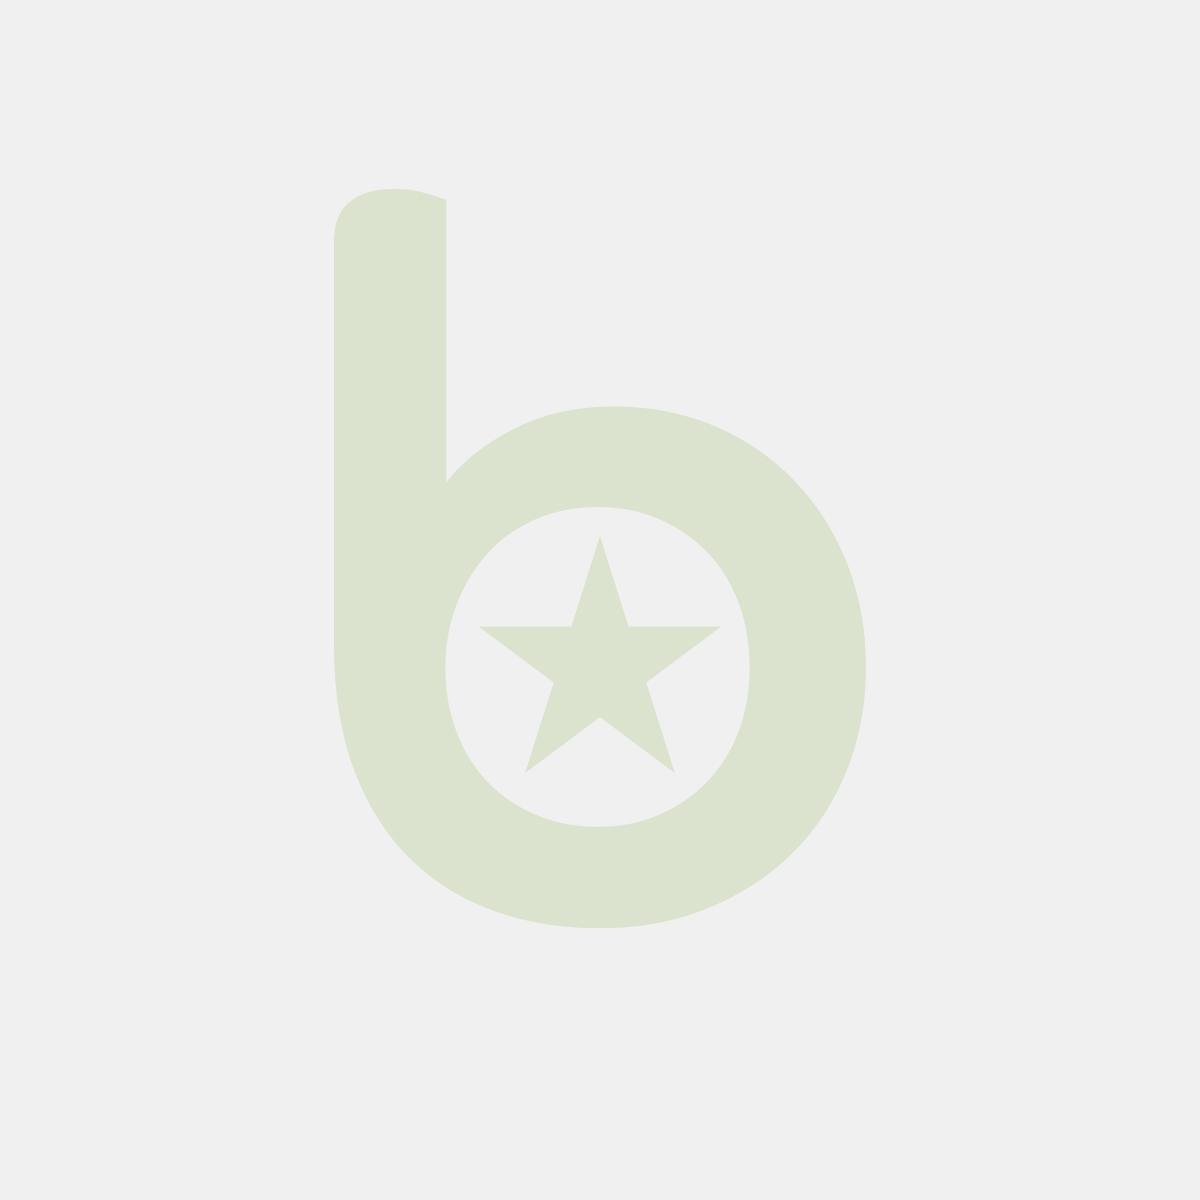 Zszywacz KANGARO Mini-10/Y2 C-THRU+zszywki, zszywa do 10 kartek, blister, zielony